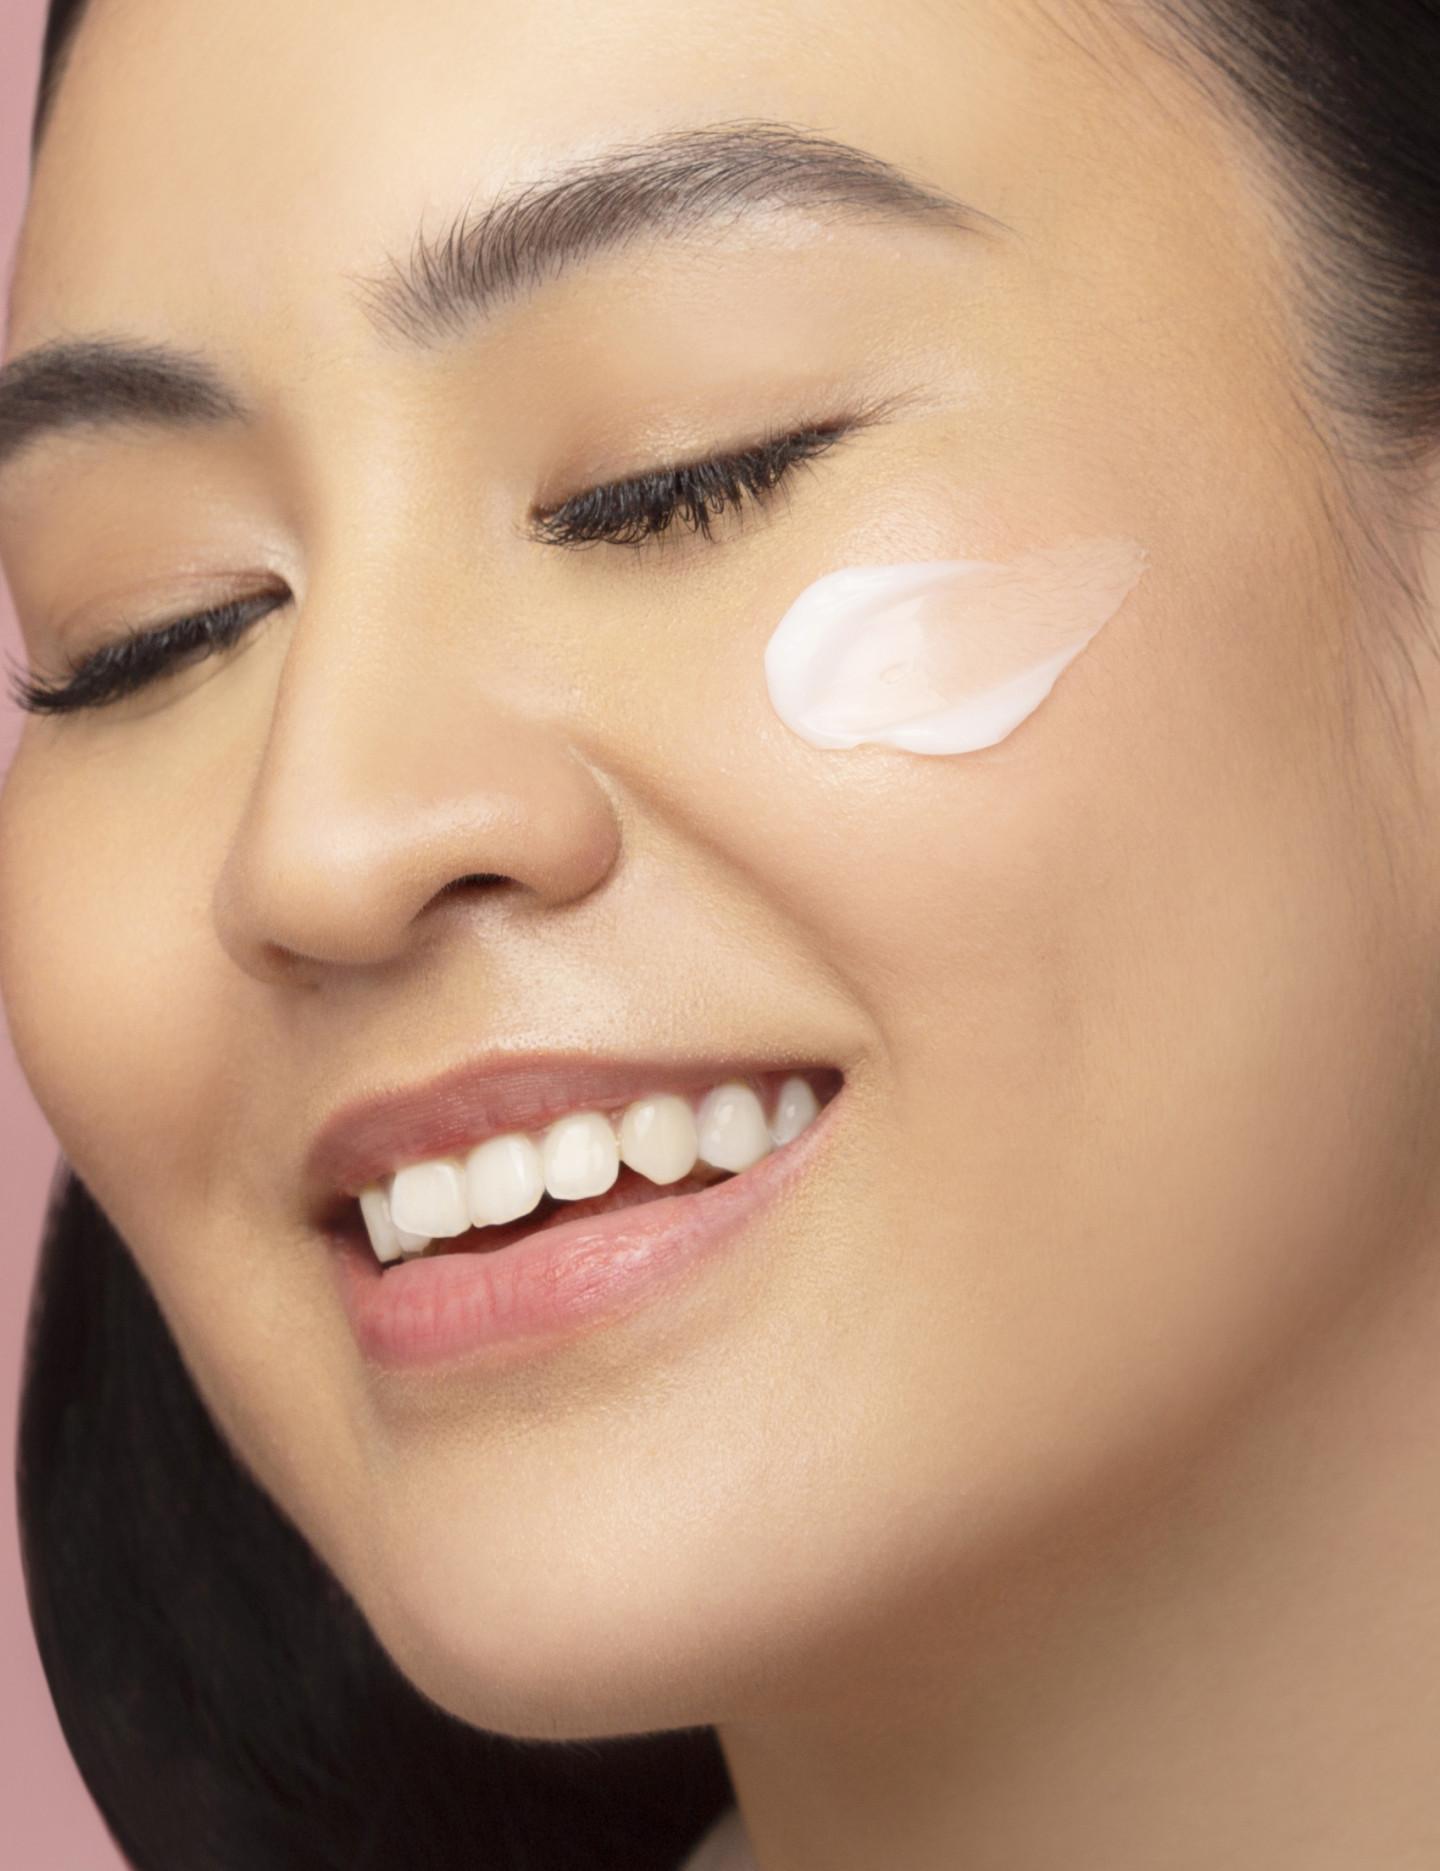 Apa Sih Yang Membuat Skin Barrier Kamu Rusak?